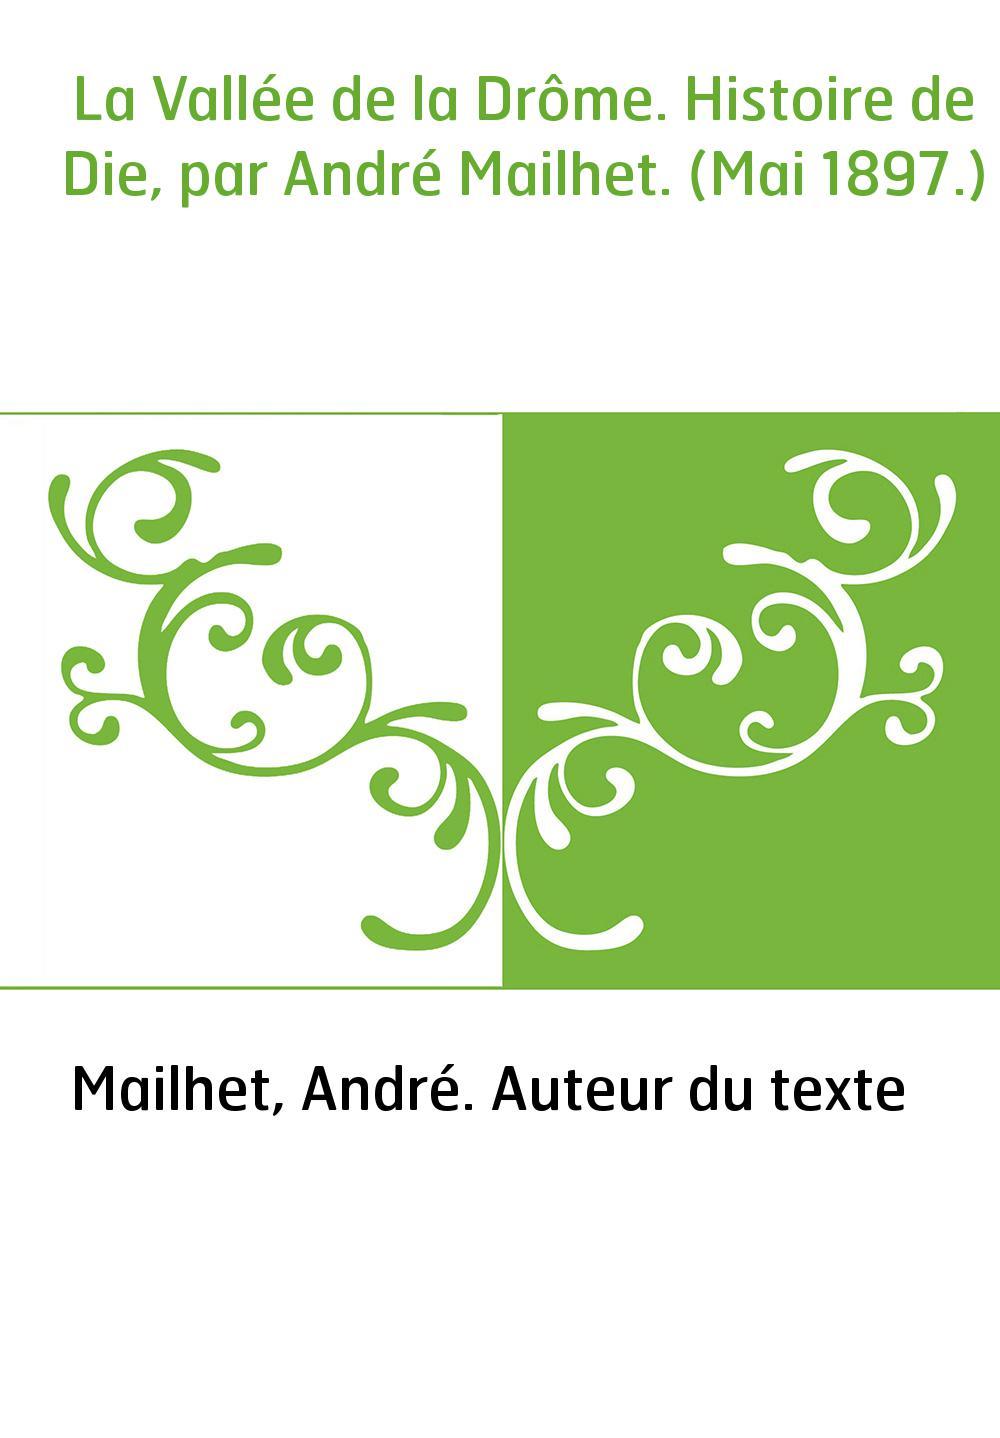 La Vallée de la Drôme. Histoire de Die, par André Mailhet. (Mai 1897.)